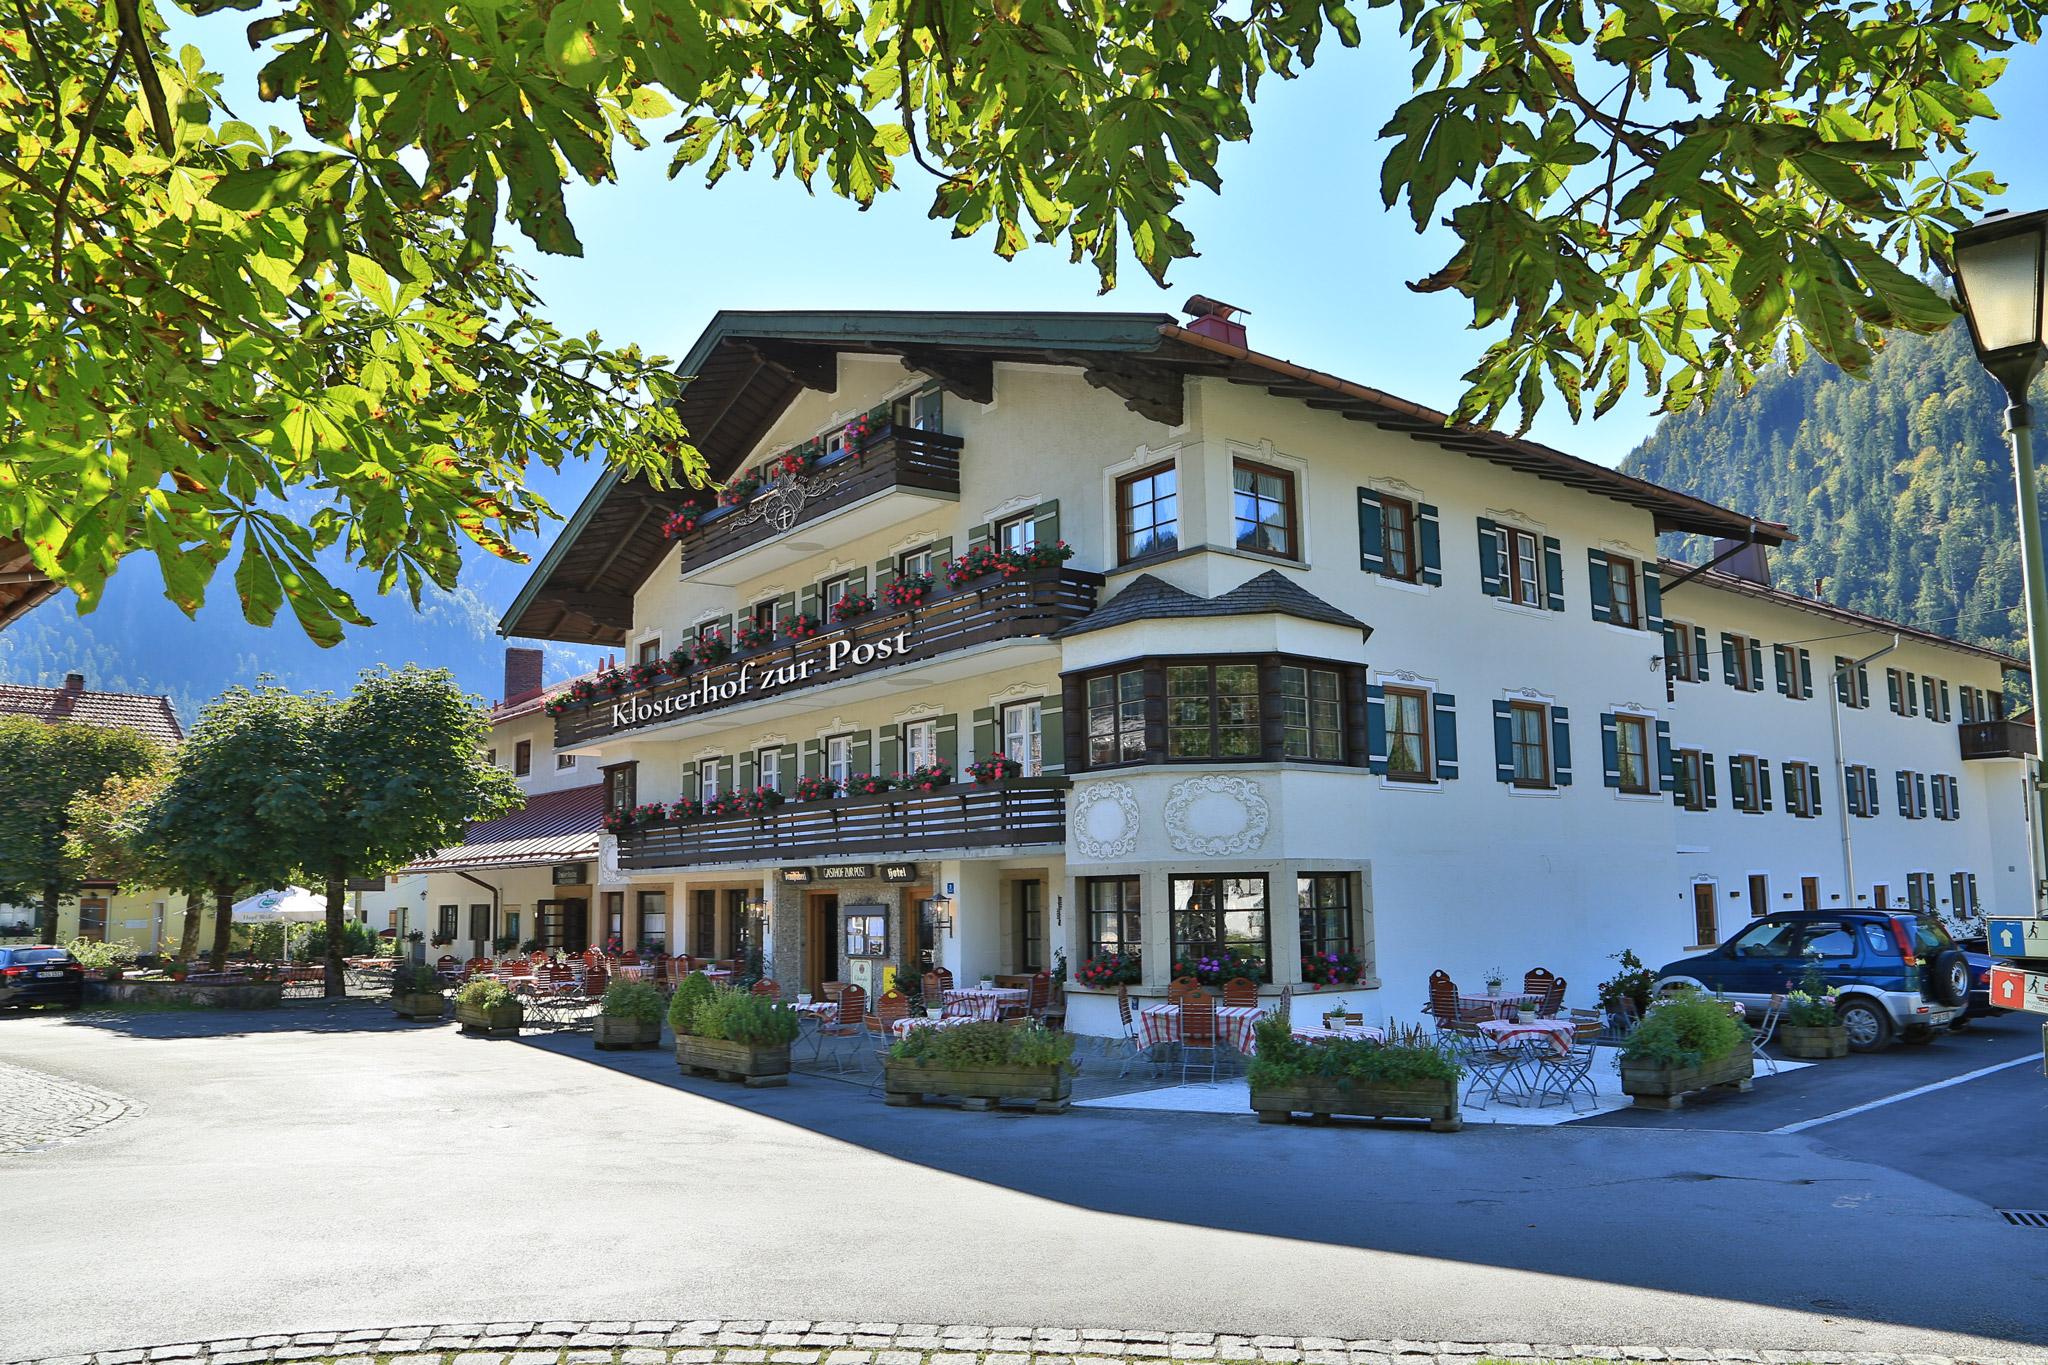 Klosterhof-zur-post-front